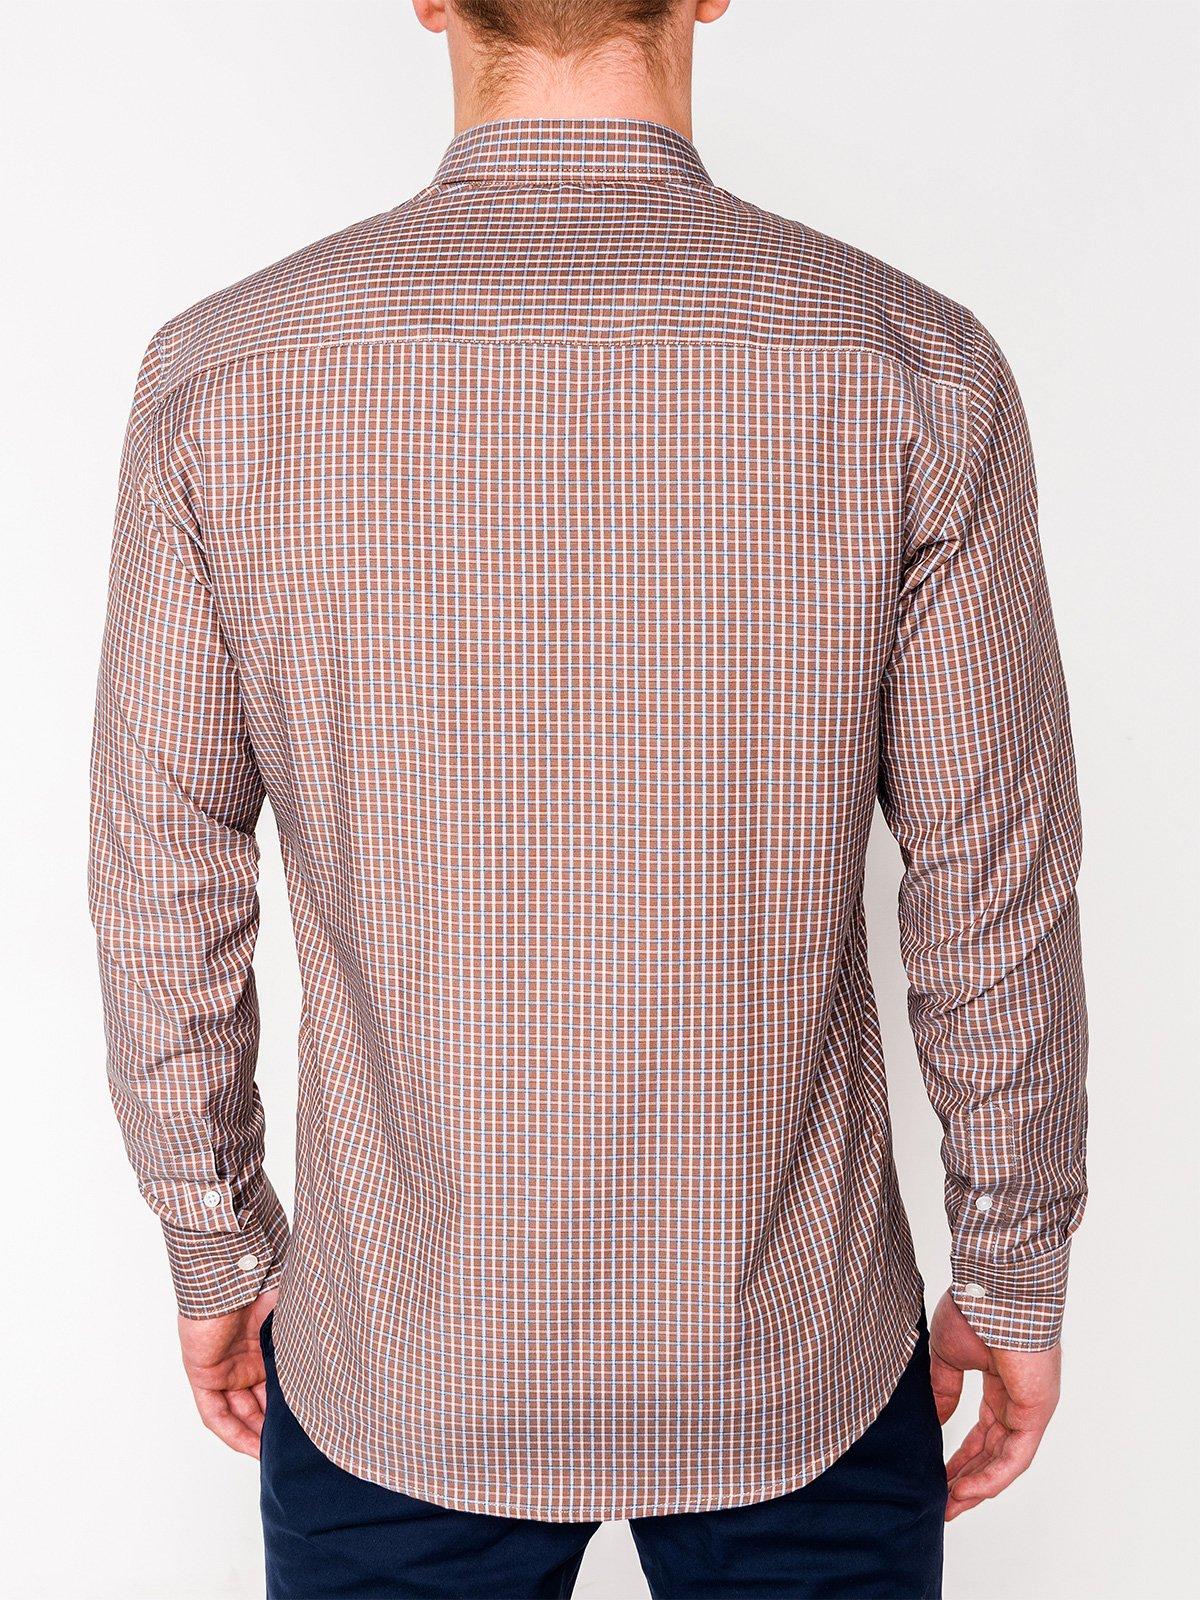 8772fb9f1905e2f Мужская рубашка в клеточку с длинным рукавом K437 - бежевая бежевый ...